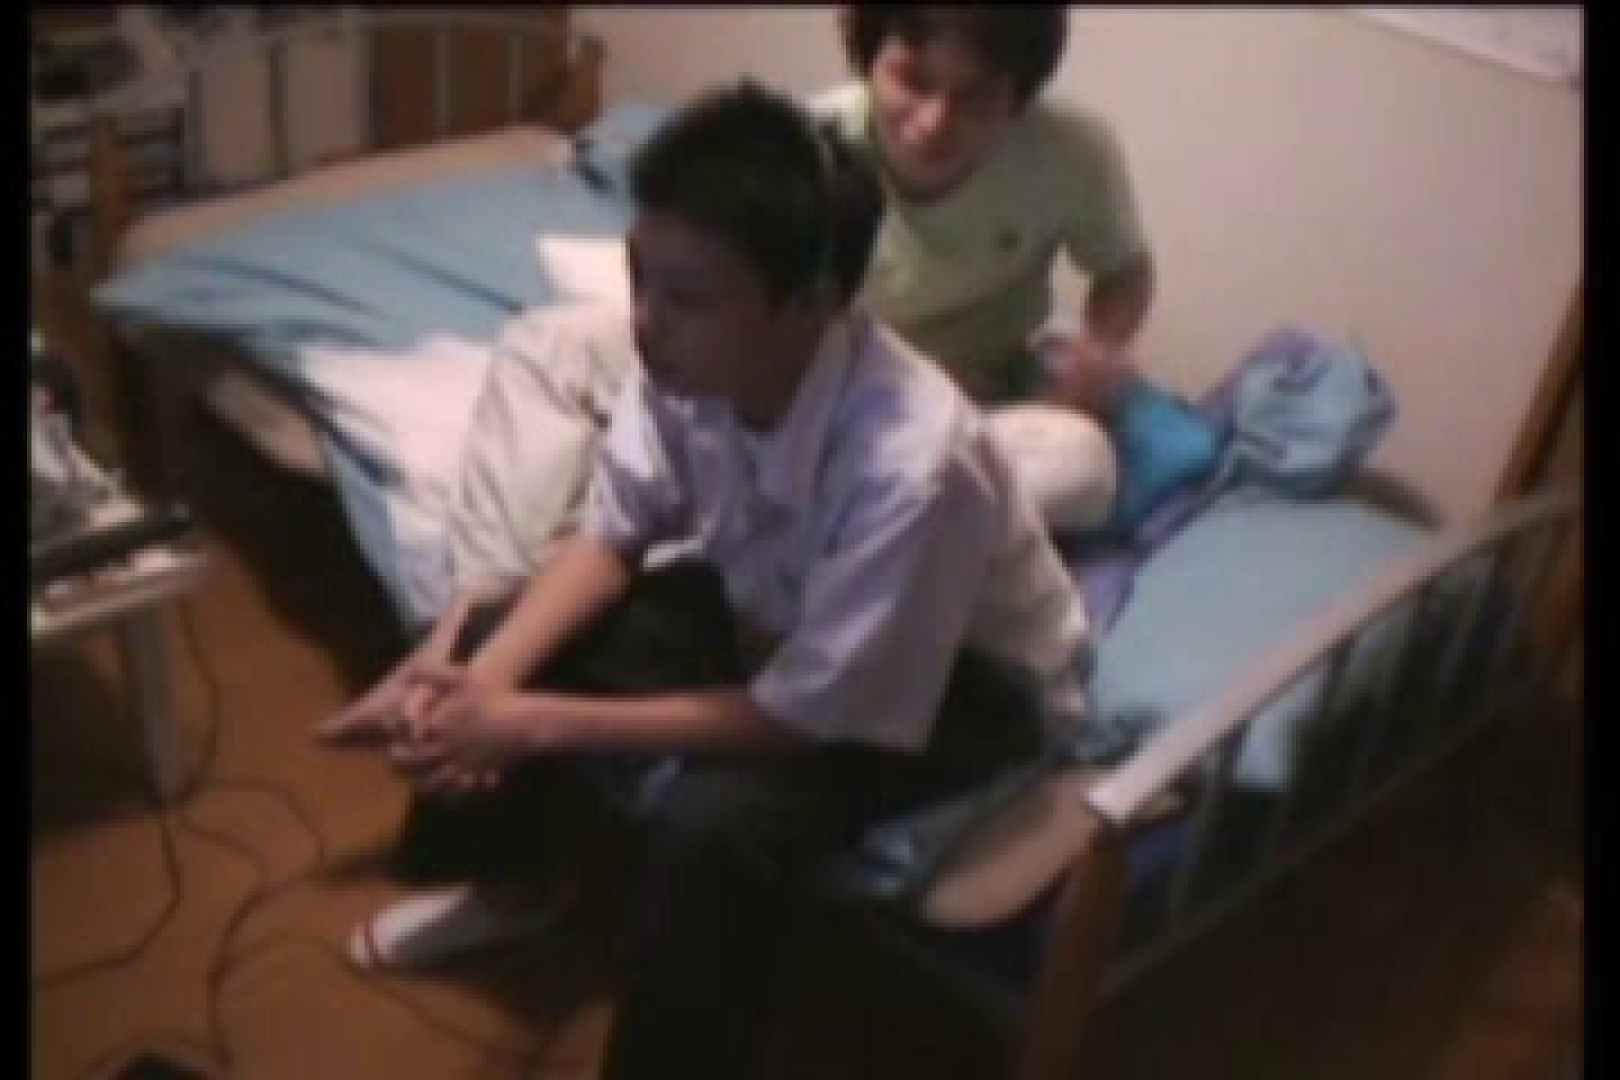 【実録投稿】友達覗撮In my room!! 射精シーン  7枚